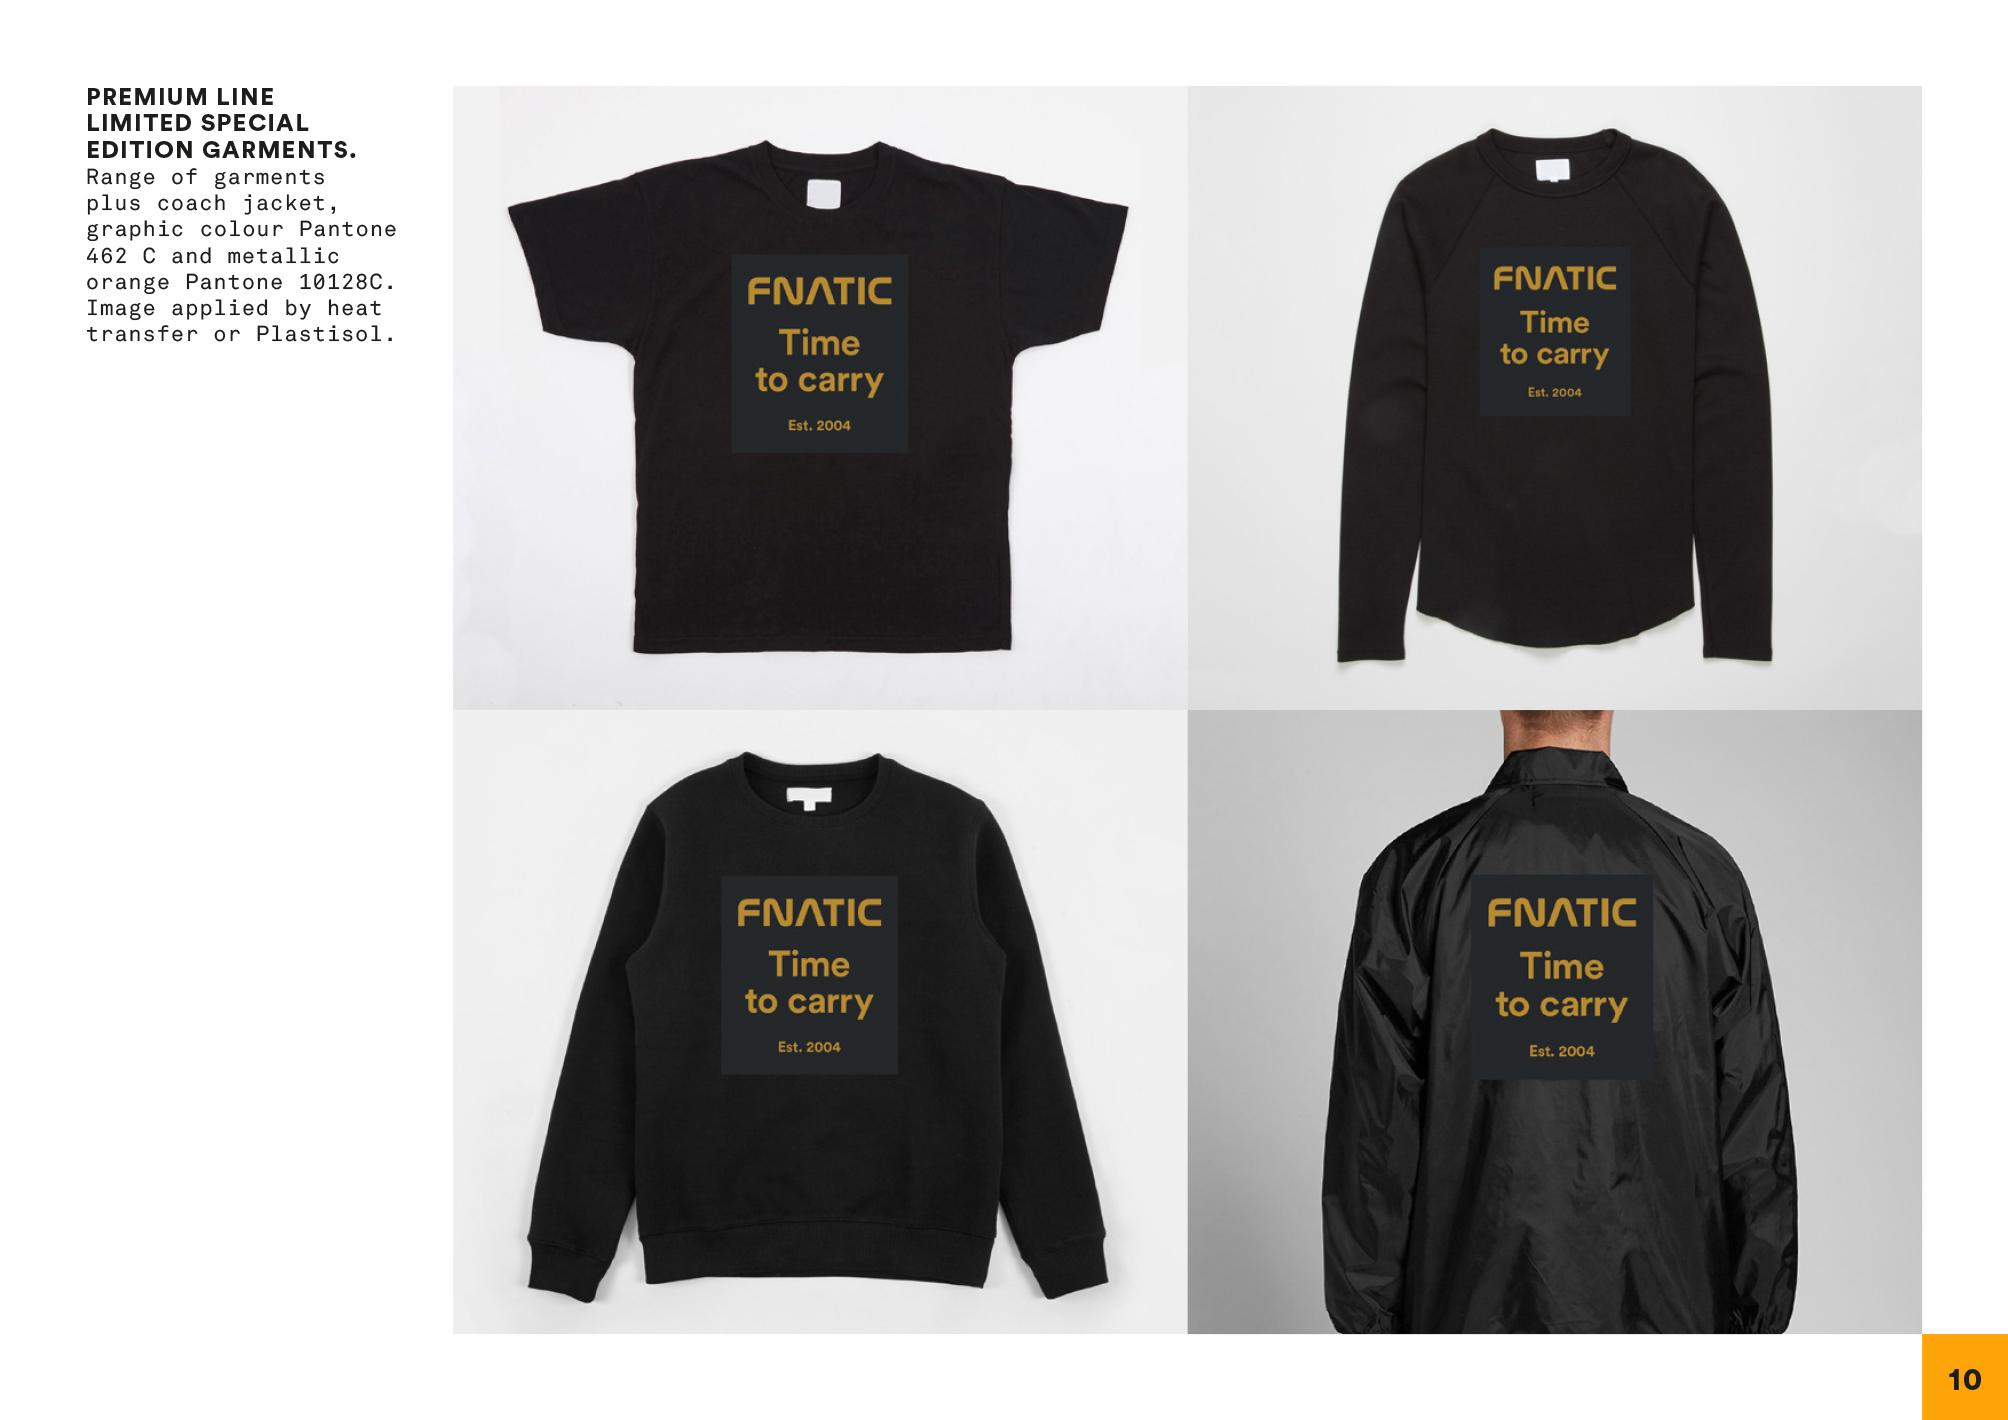 Fnatic clothing Robin Farley 2017-10